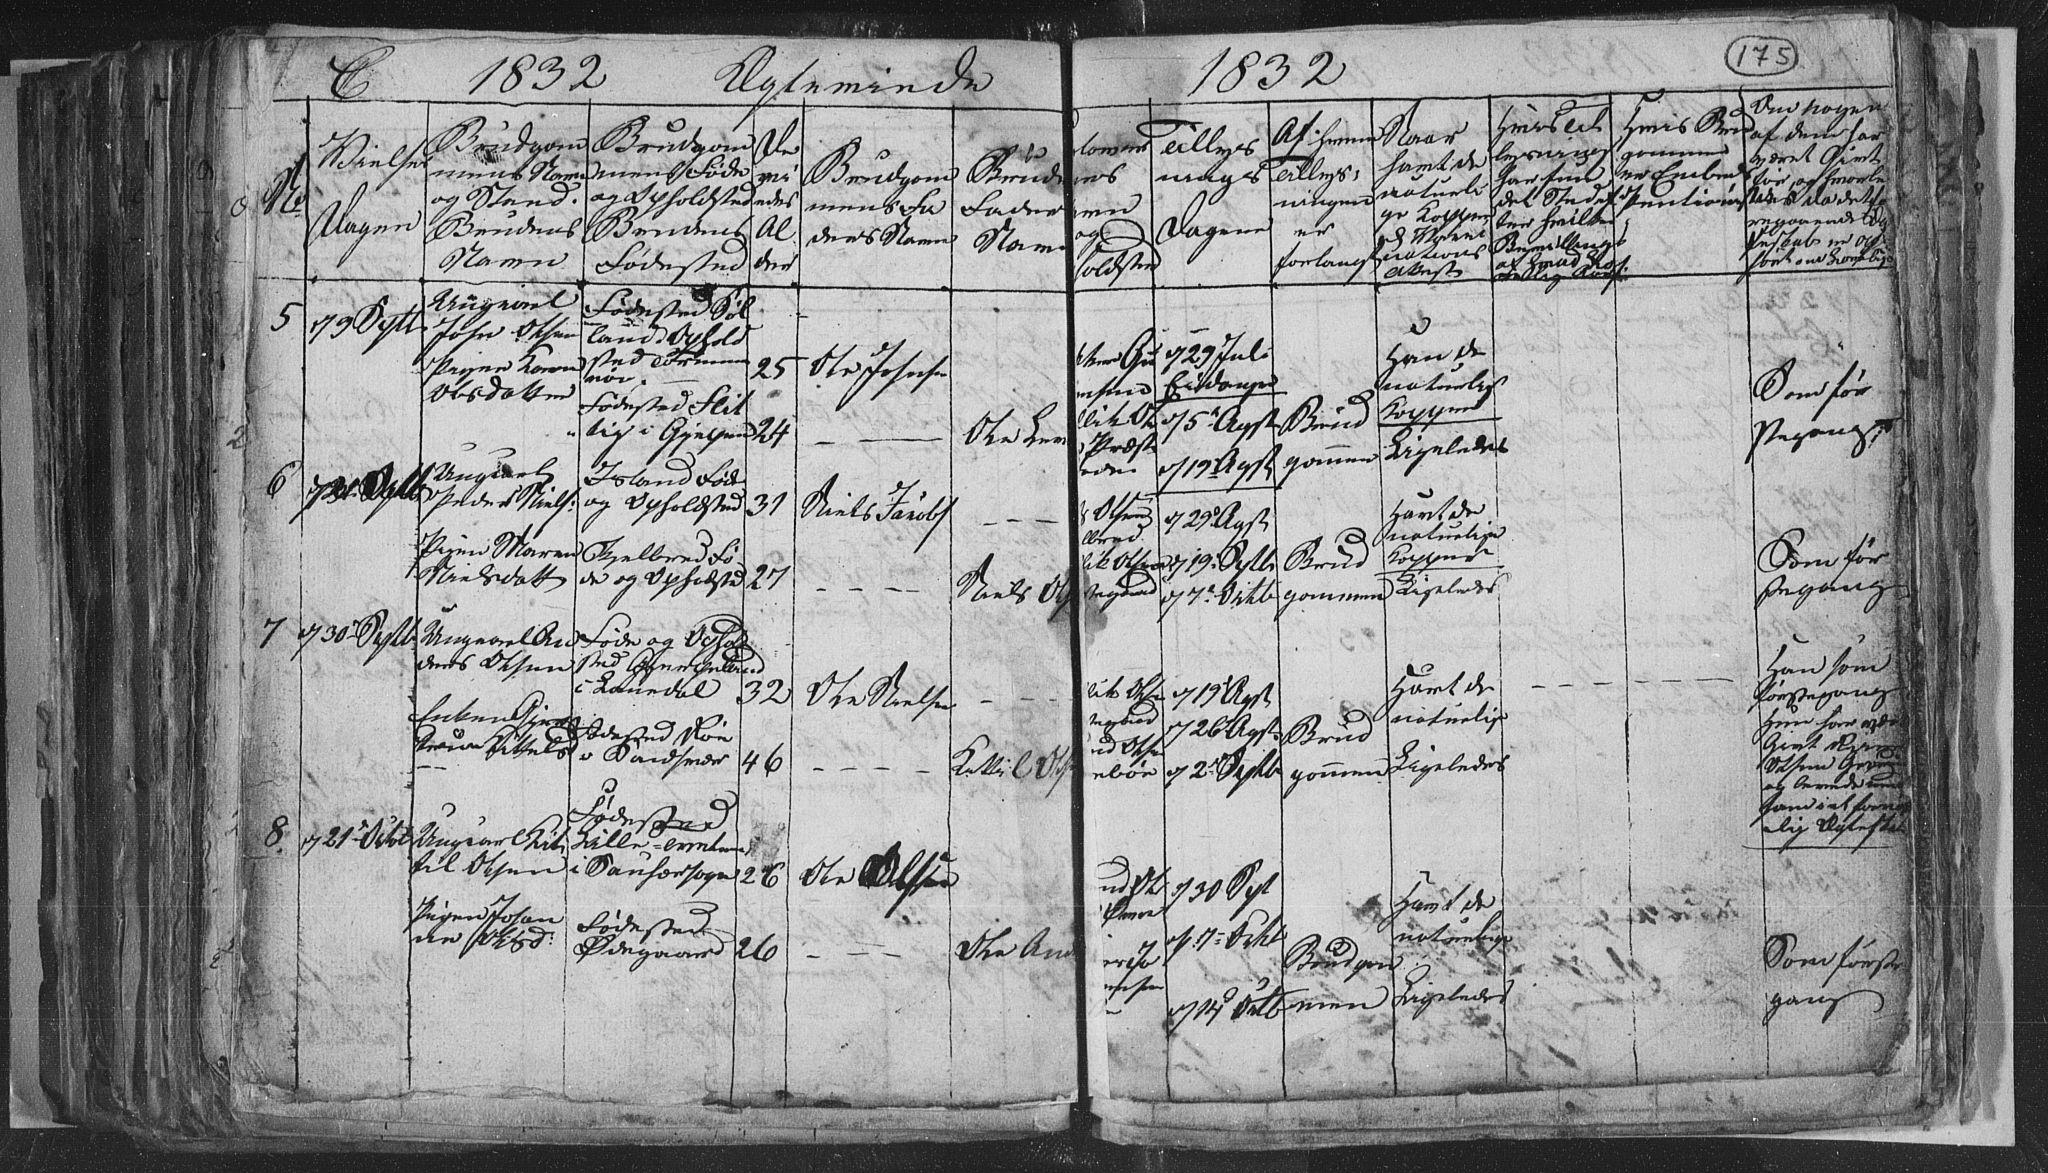 SAKO, Siljan kirkebøker, G/Ga/L0001: Klokkerbok nr. 1, 1827-1847, s. 175